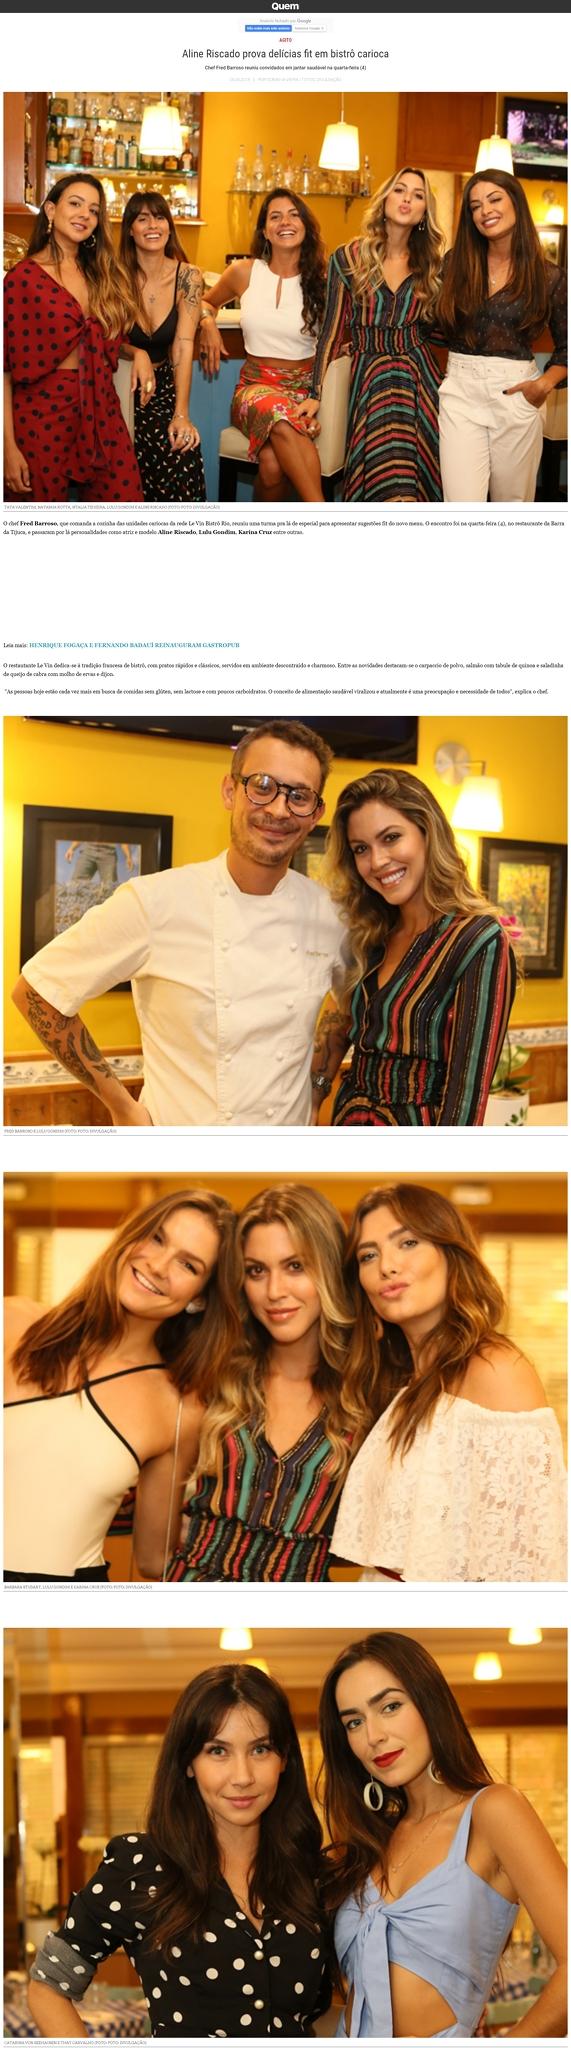 Aline Riscado prova delícias fit em bistrô carioca Chef Fred Barroso reuniu convidados em jantar saudável na quarta-feira